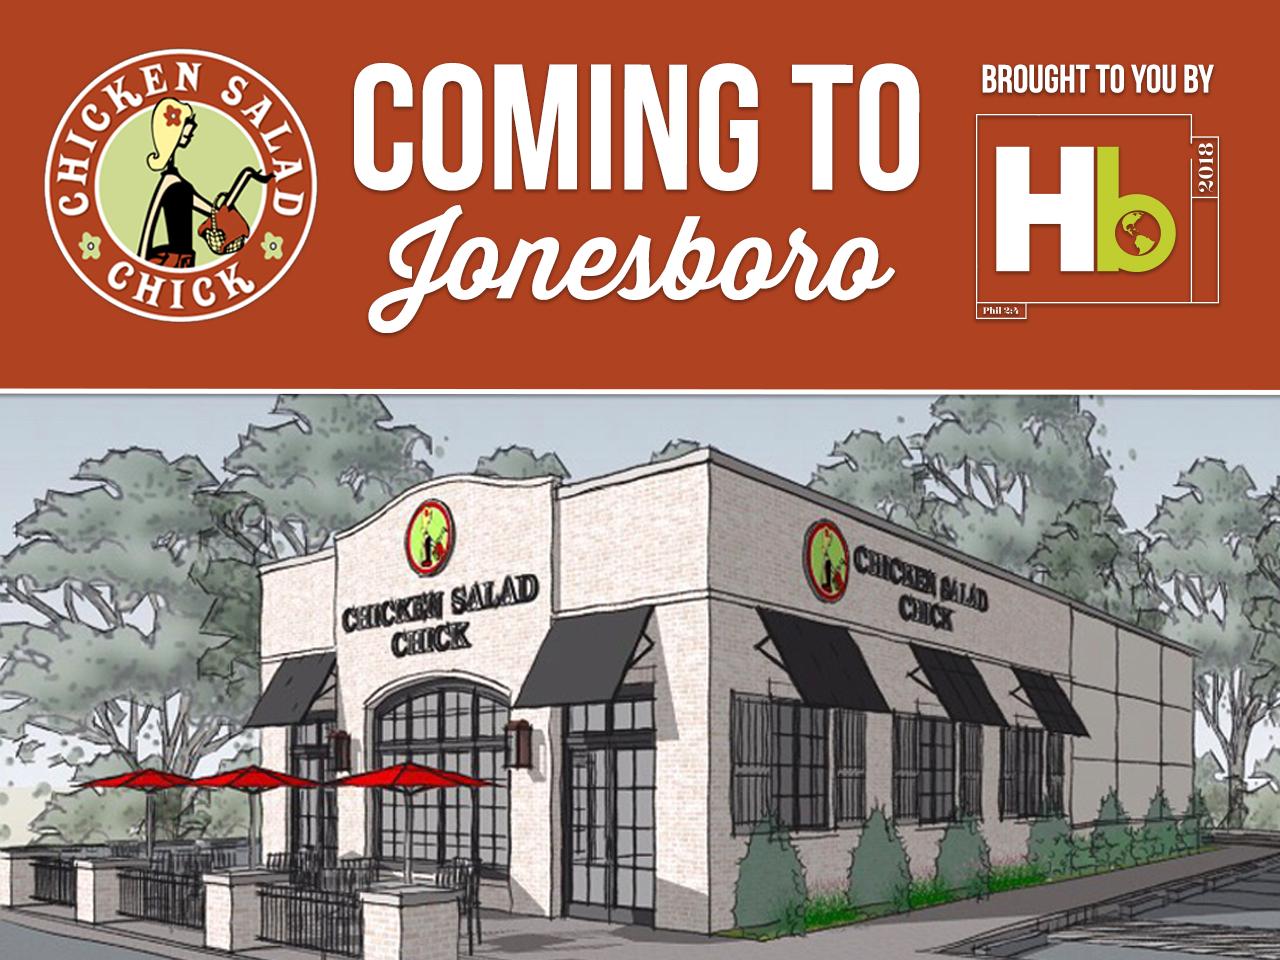 Chicken Salad Chick is Coming to Jonesboro